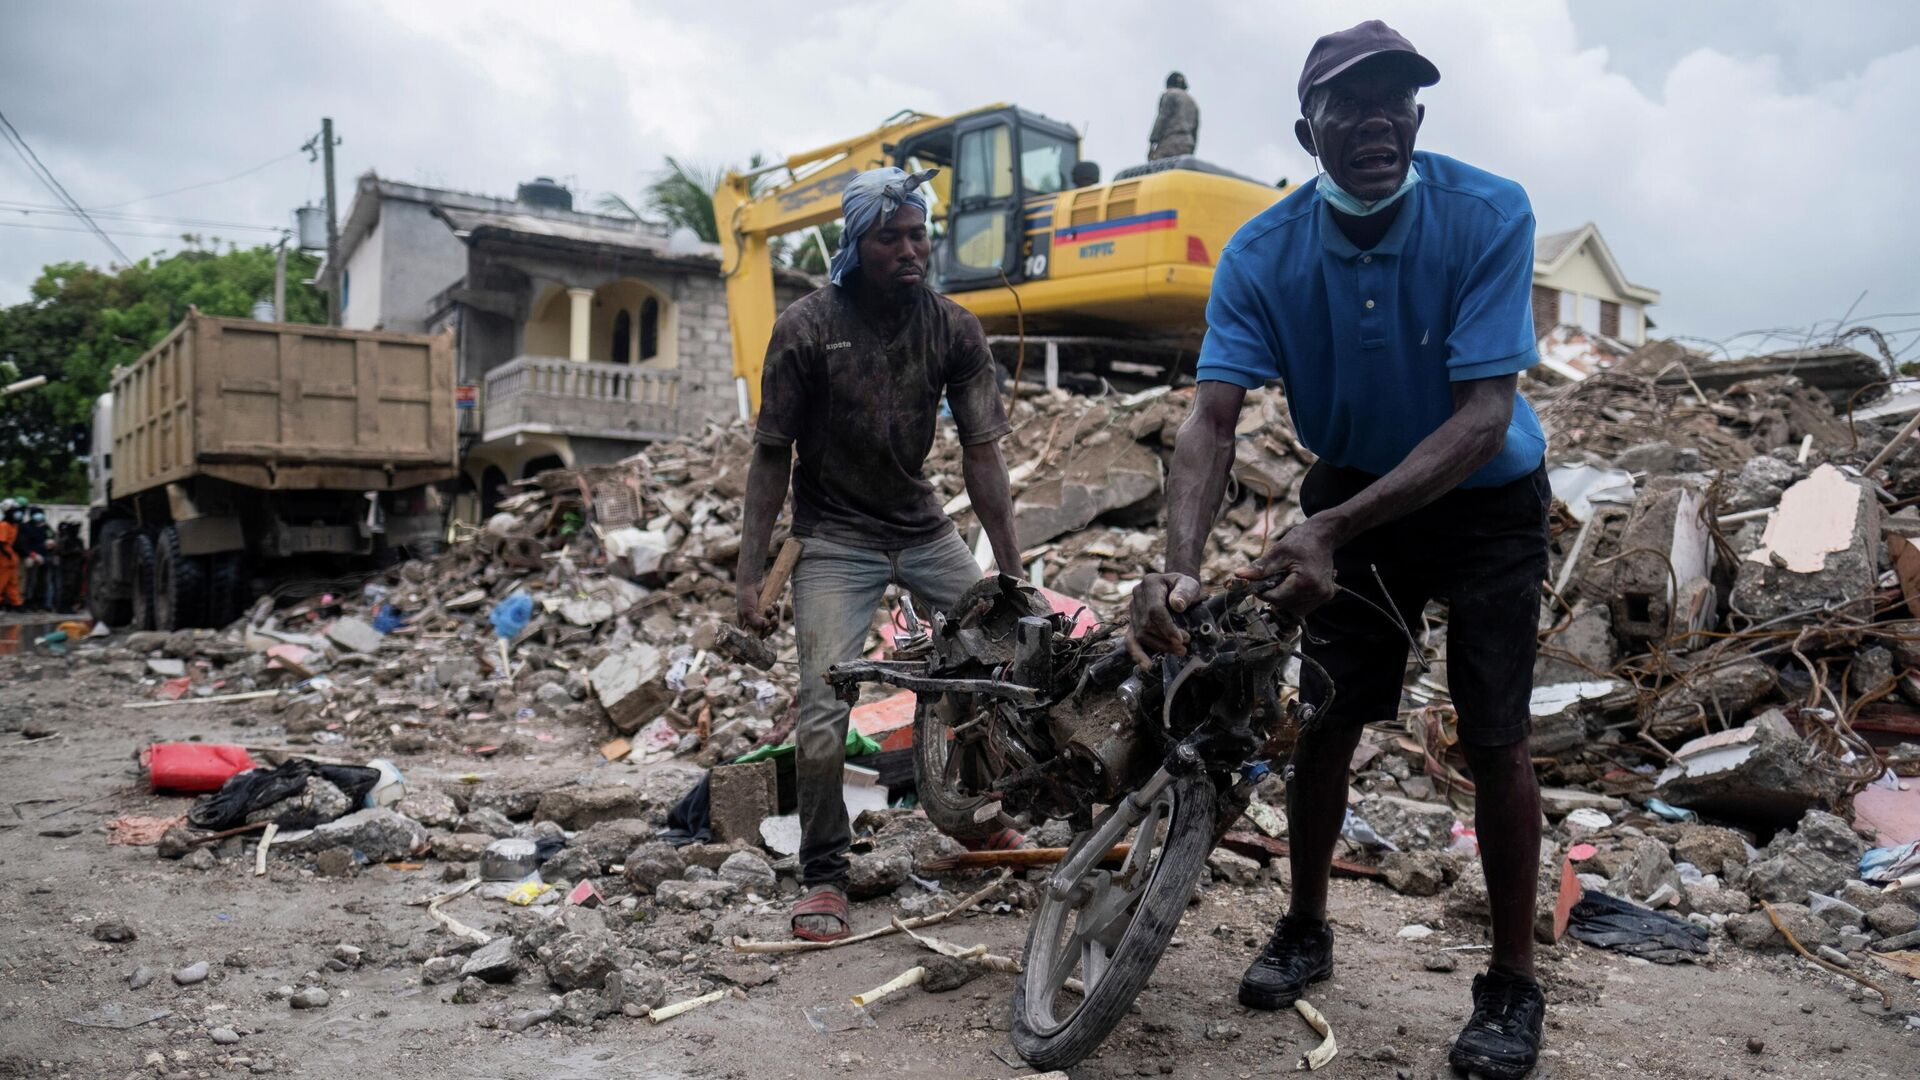 Las consecuencias del terremoto en Haití - Sputnik Mundo, 1920, 27.08.2021